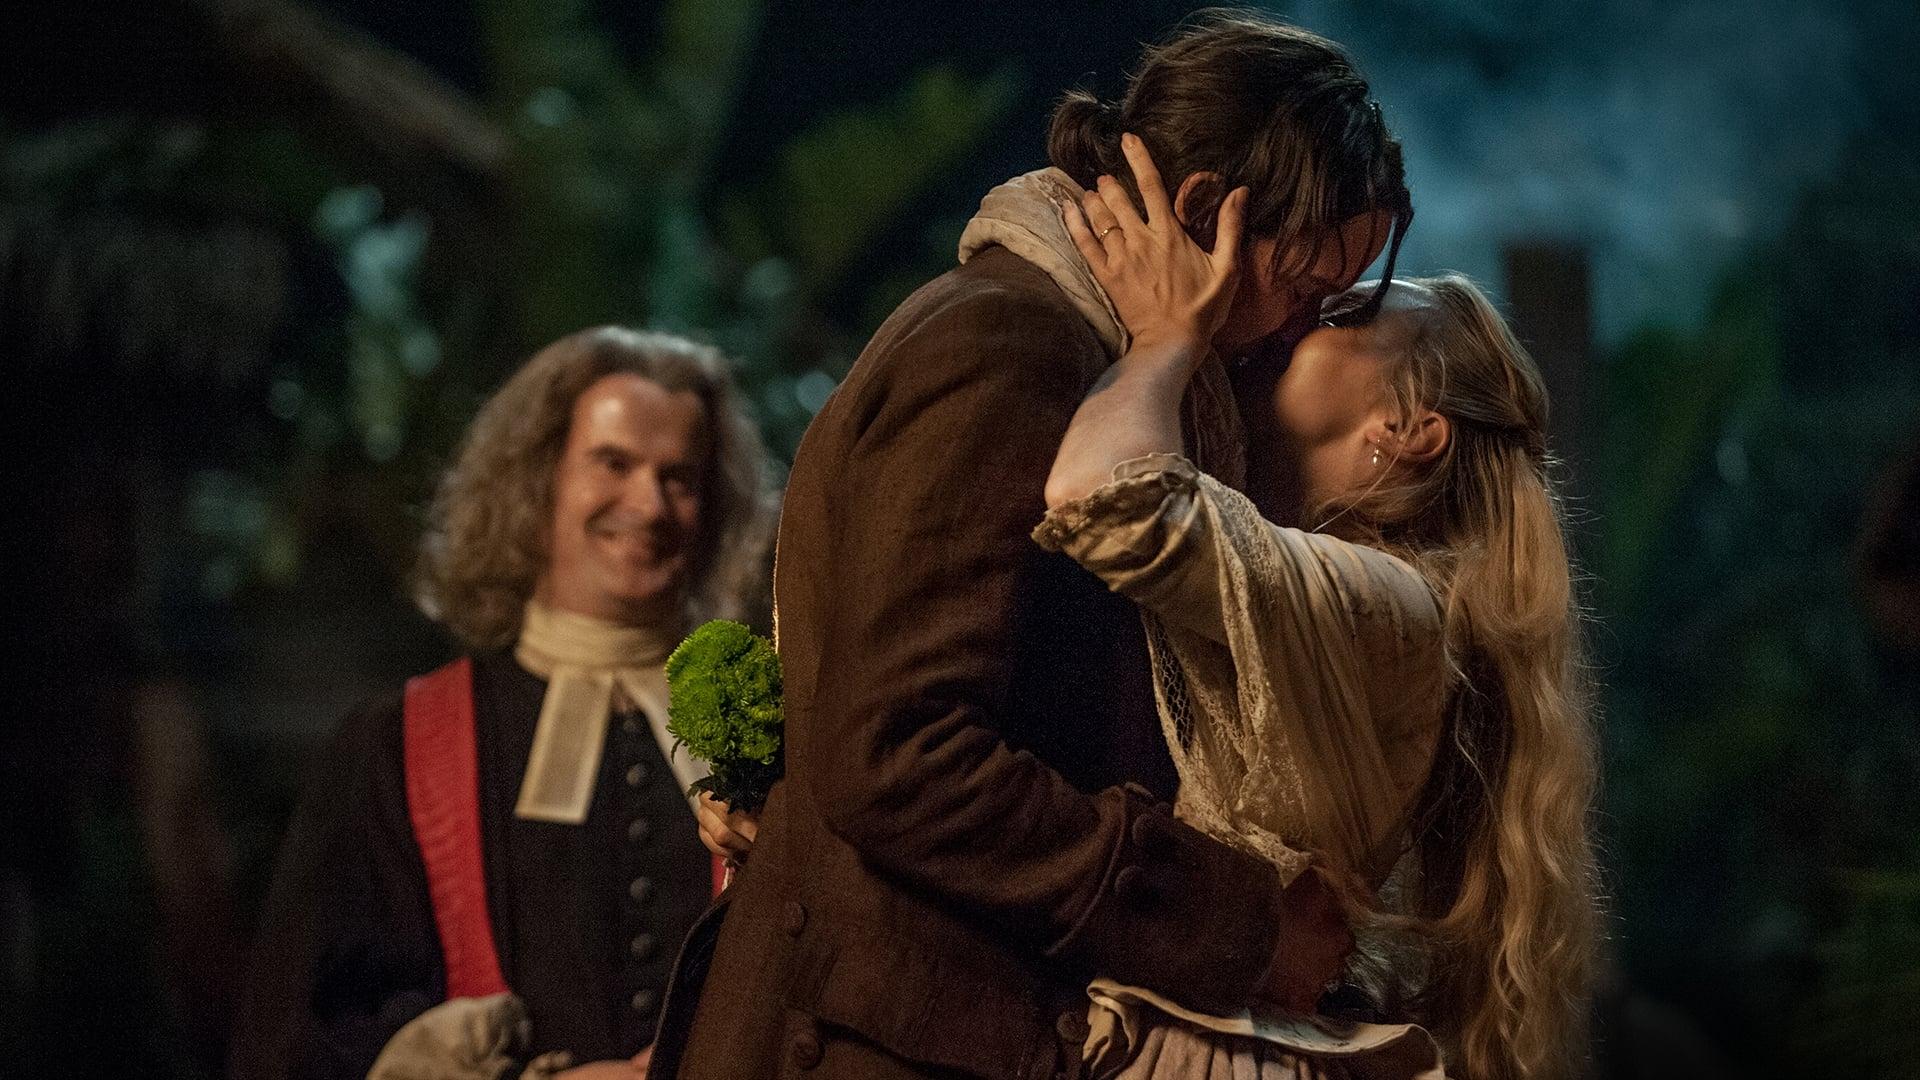 Outlander Season 3 Episode 11 Openload Watch Online Full